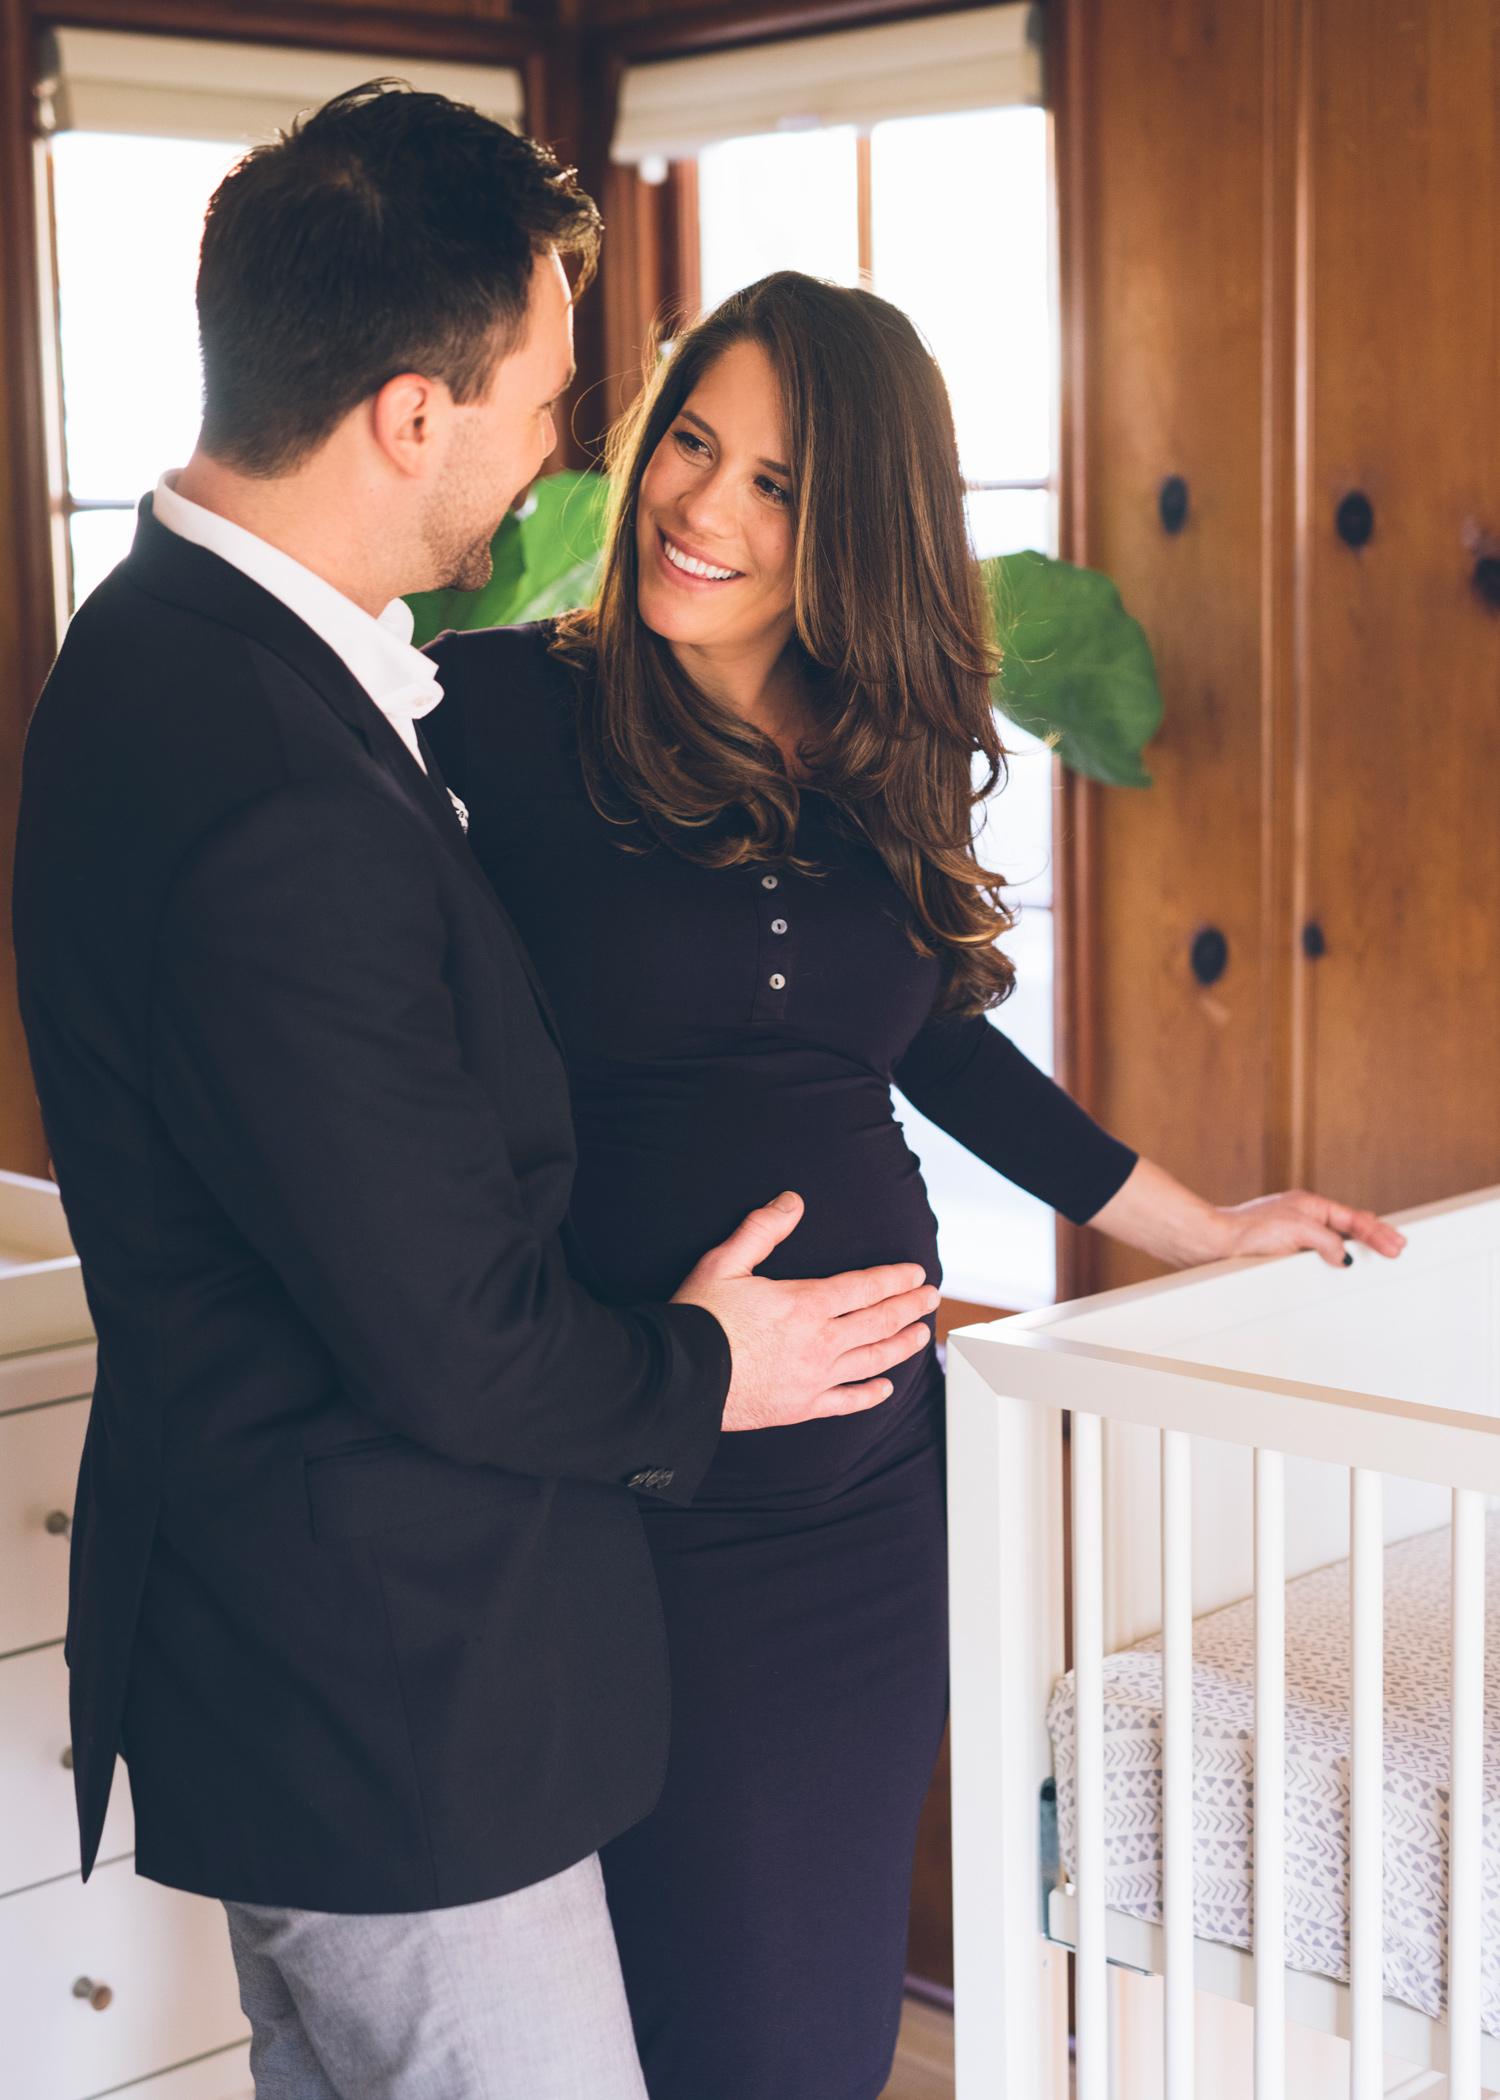 portrait-of-a-couple-in-a-nursery.jpg